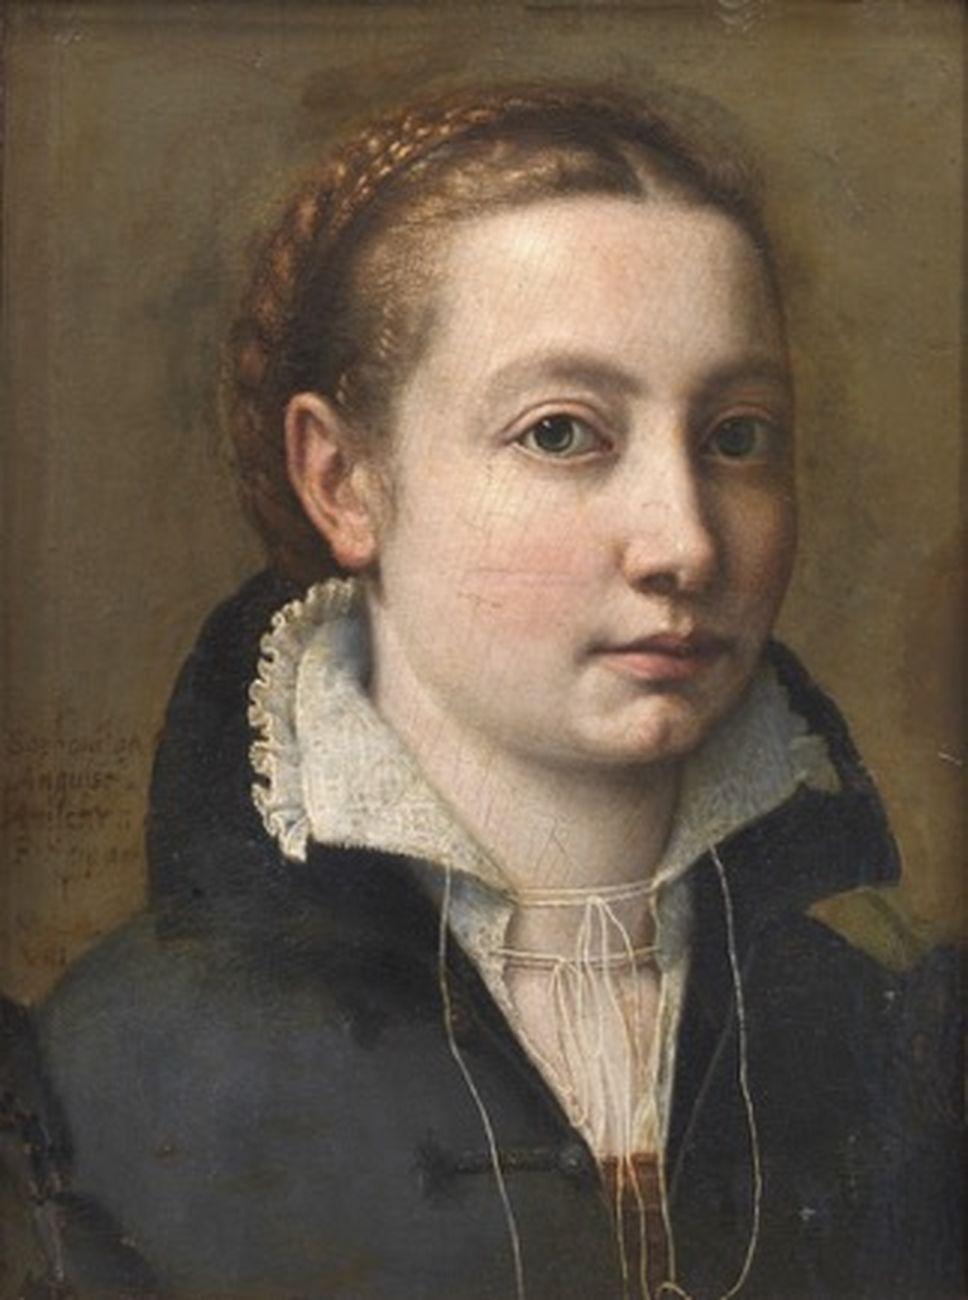 Sofonisba Anguissola, Autoritratto, 1558. Galleria Colonna, Roma